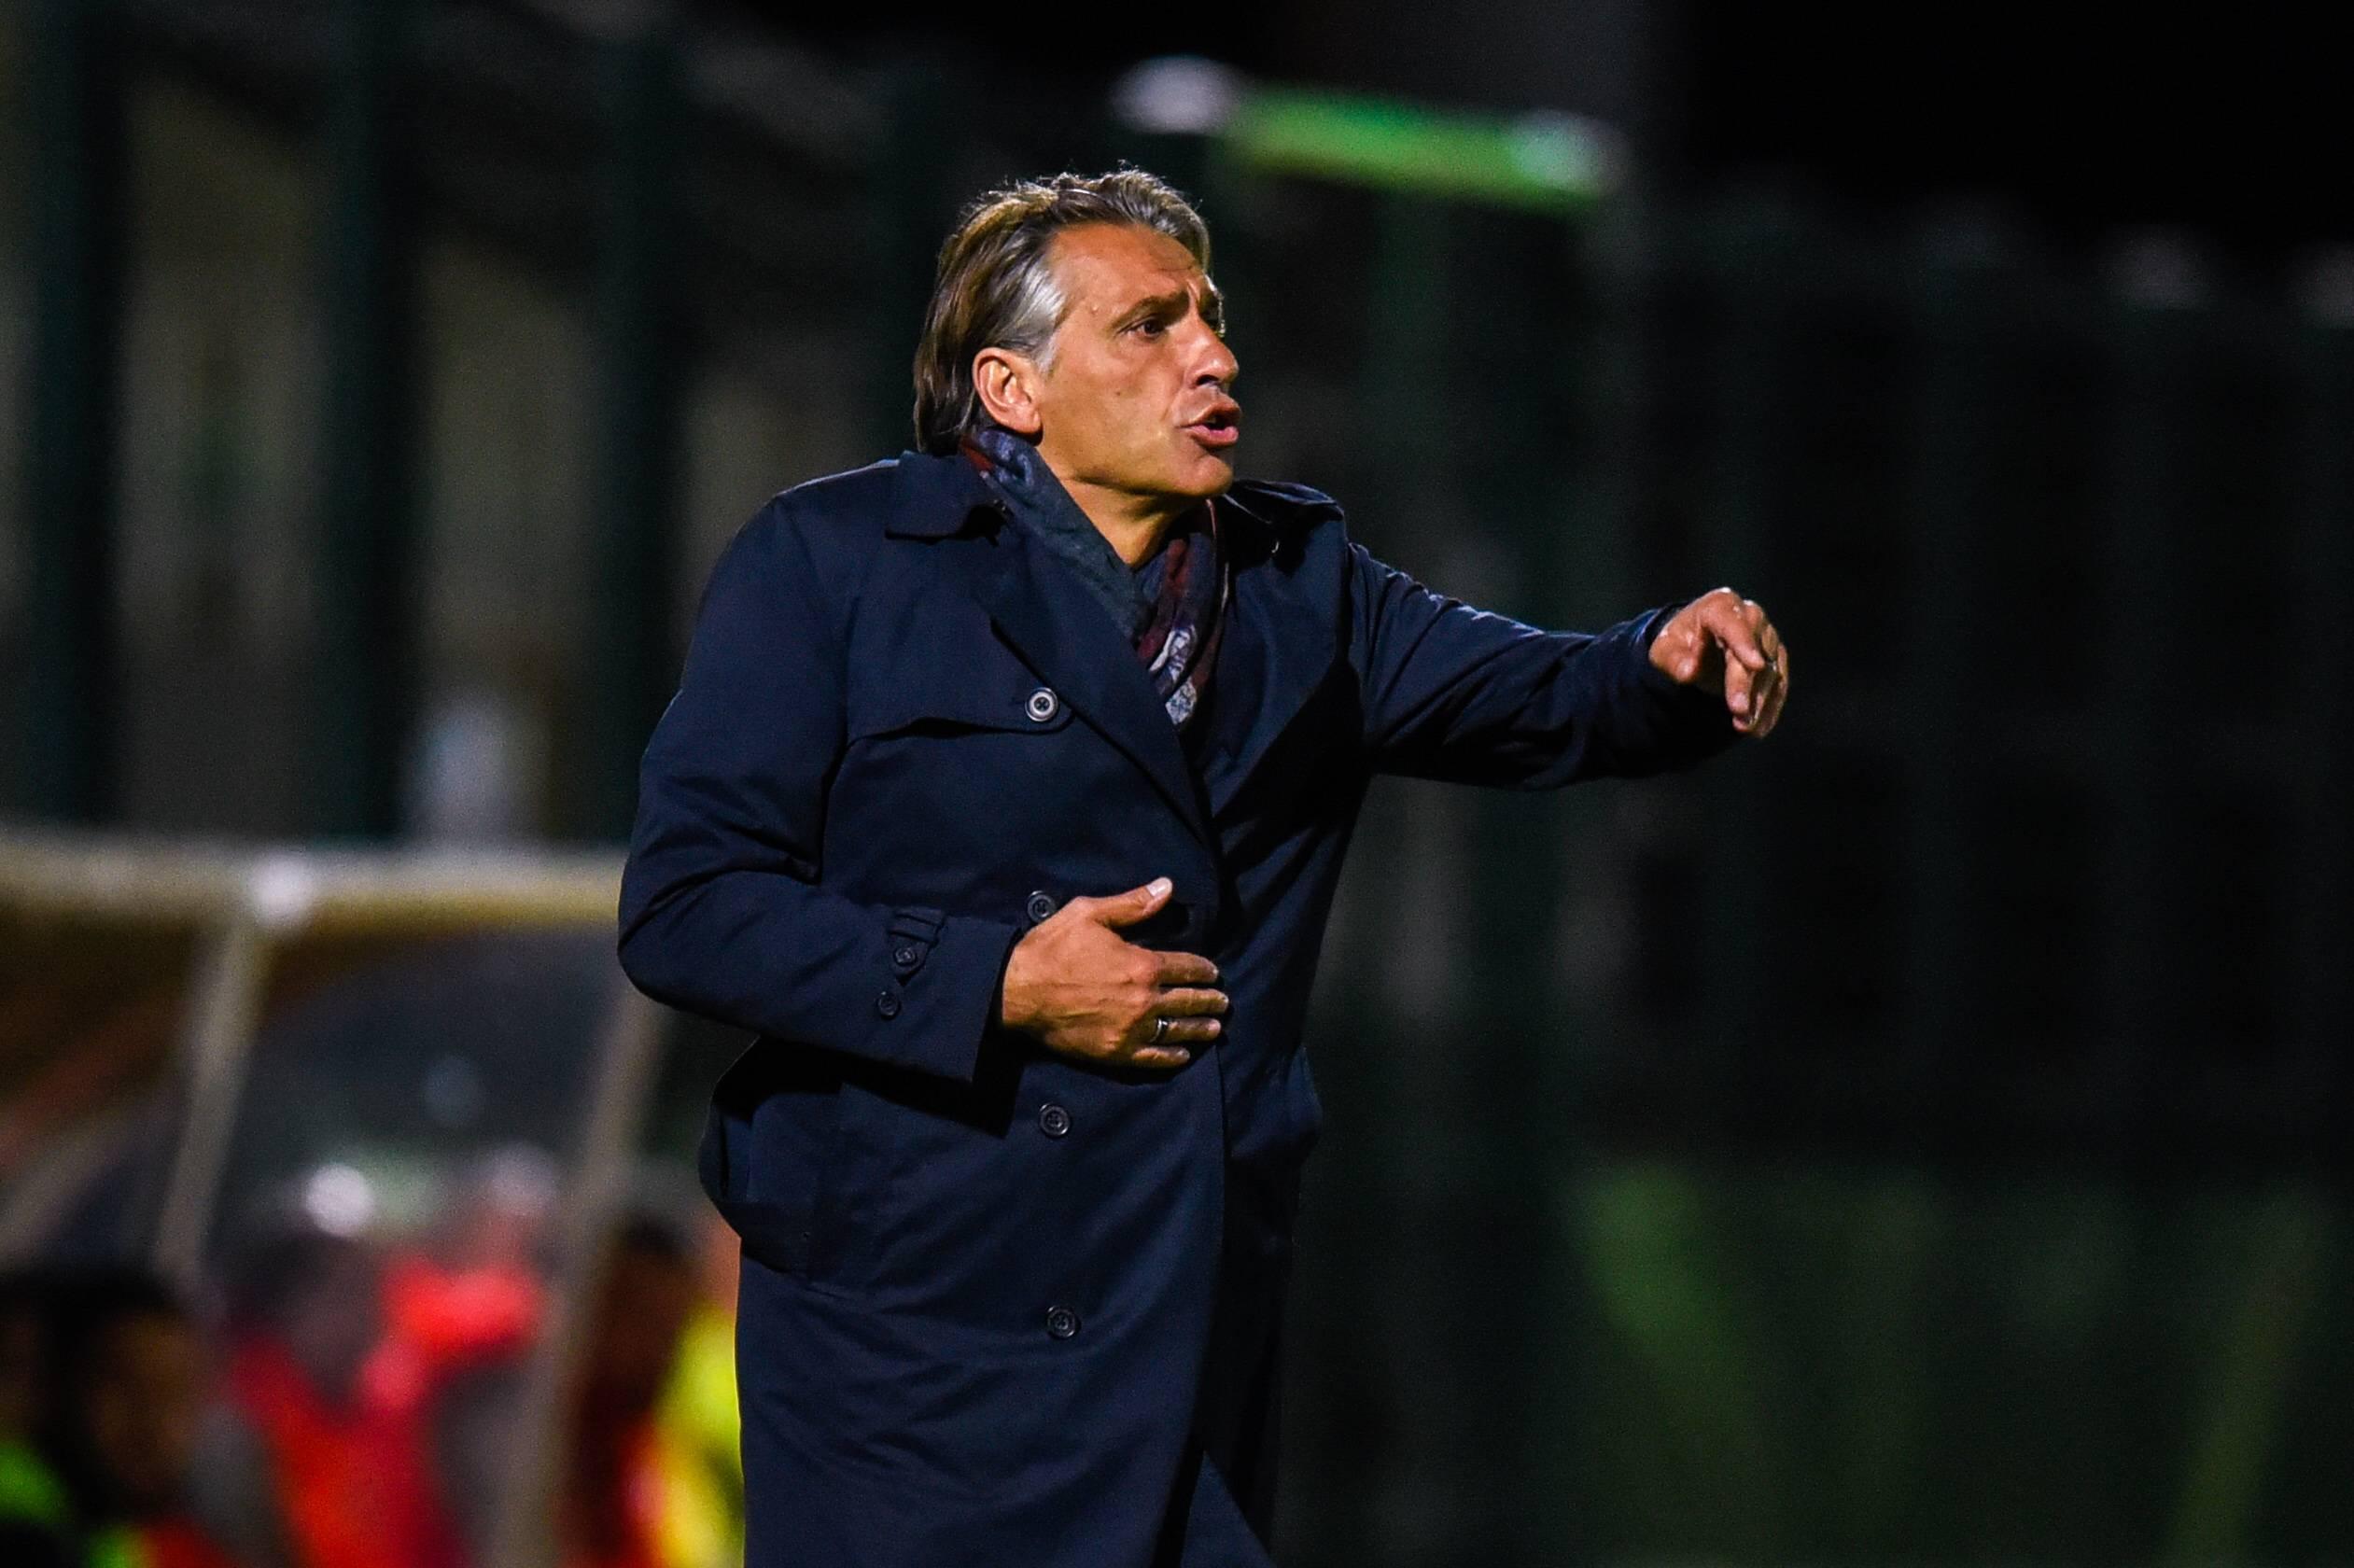 Duel d'anciens caennais pour le poste d'entraîneur à Bastia (RMC Sport)